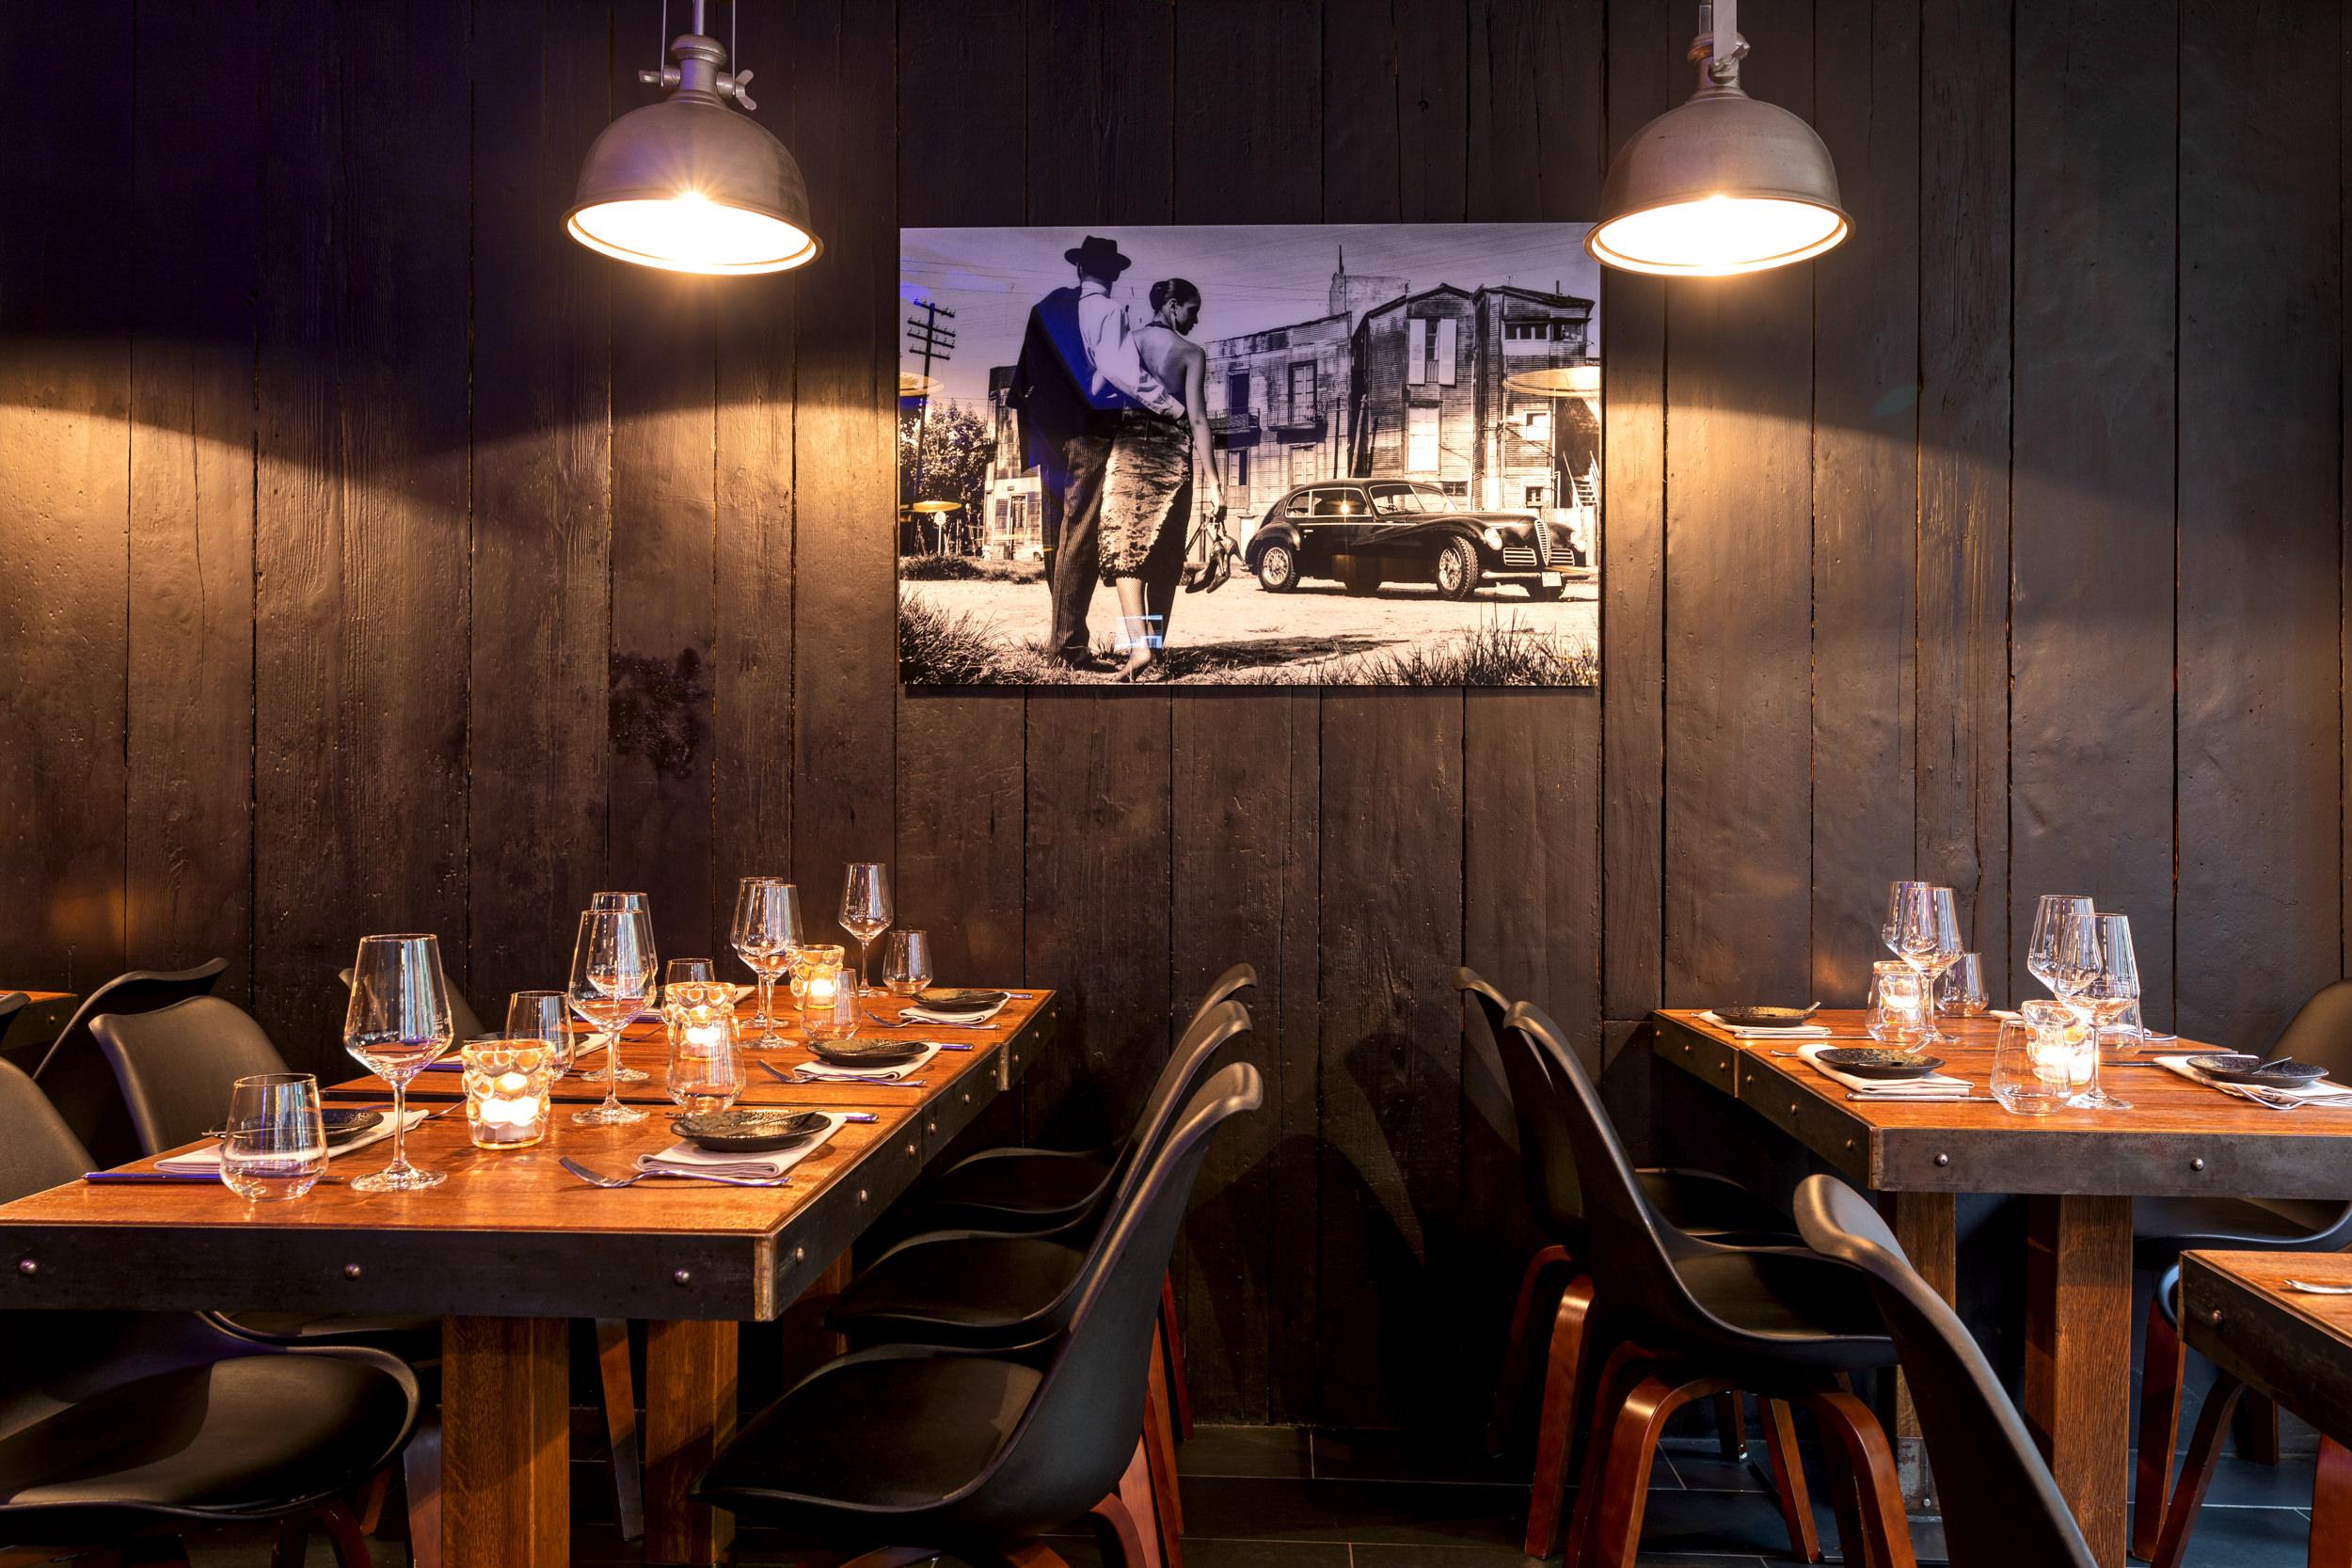 Steak Restaurant Frankfurt Photography Patrick Schmetzer 3